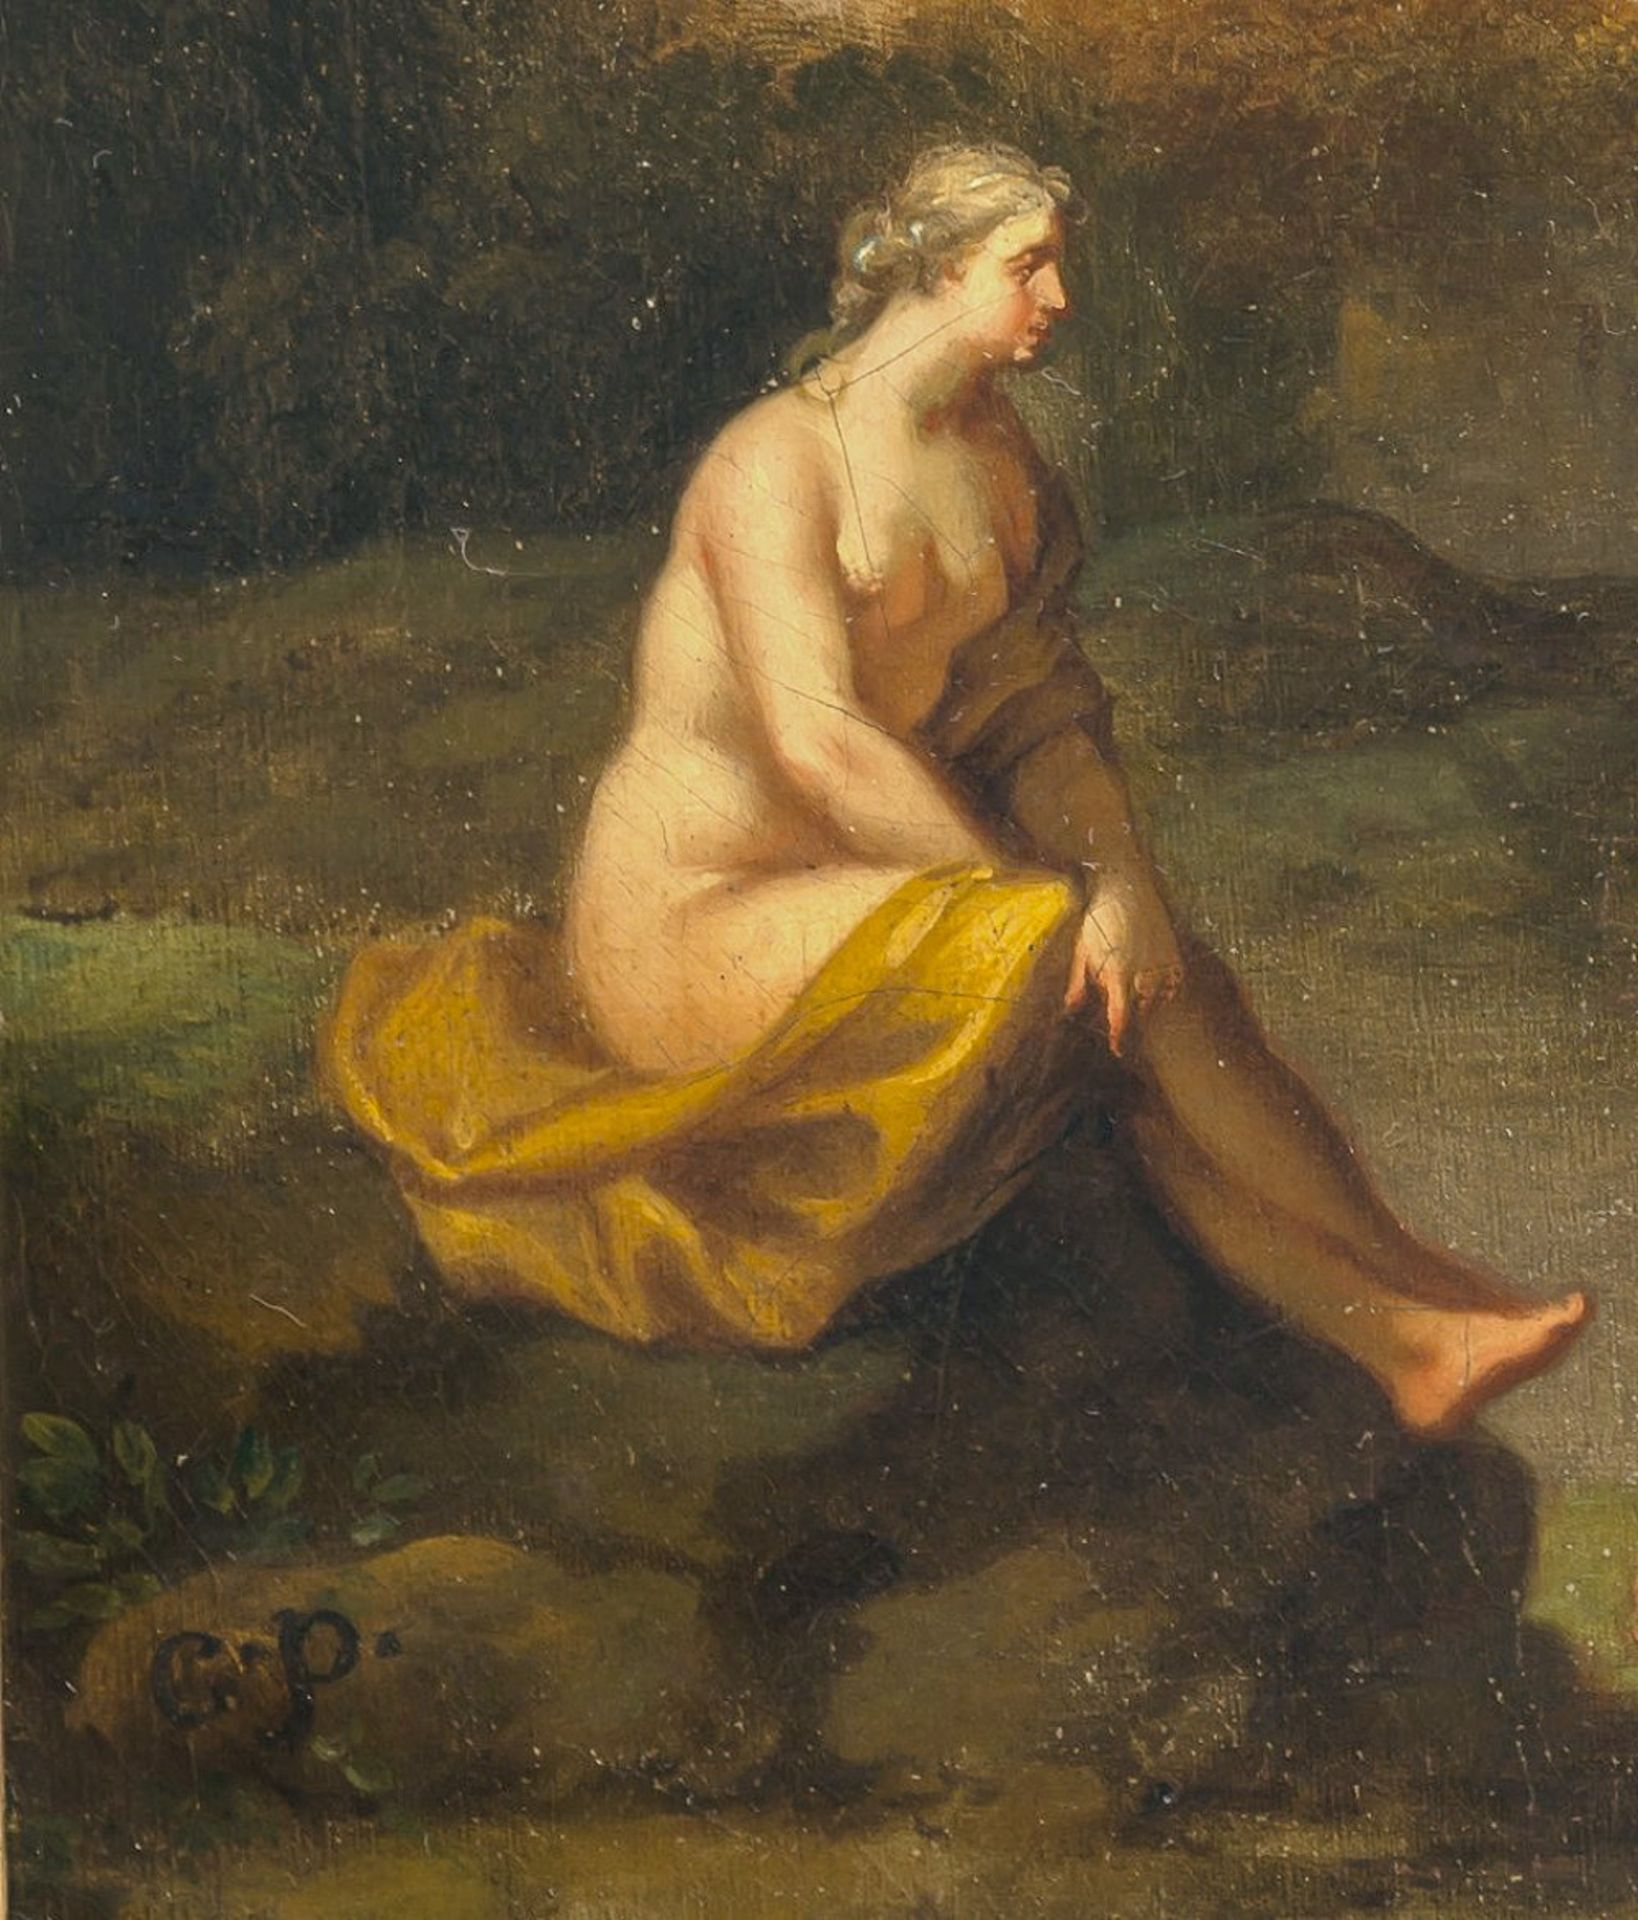 Poelenburgh, Cornelis van, zugeschriebenArkadische Landschaft mit Nymphen. Öl/Lw. 31 x 36,5 cm. - Bild 3 aus 3